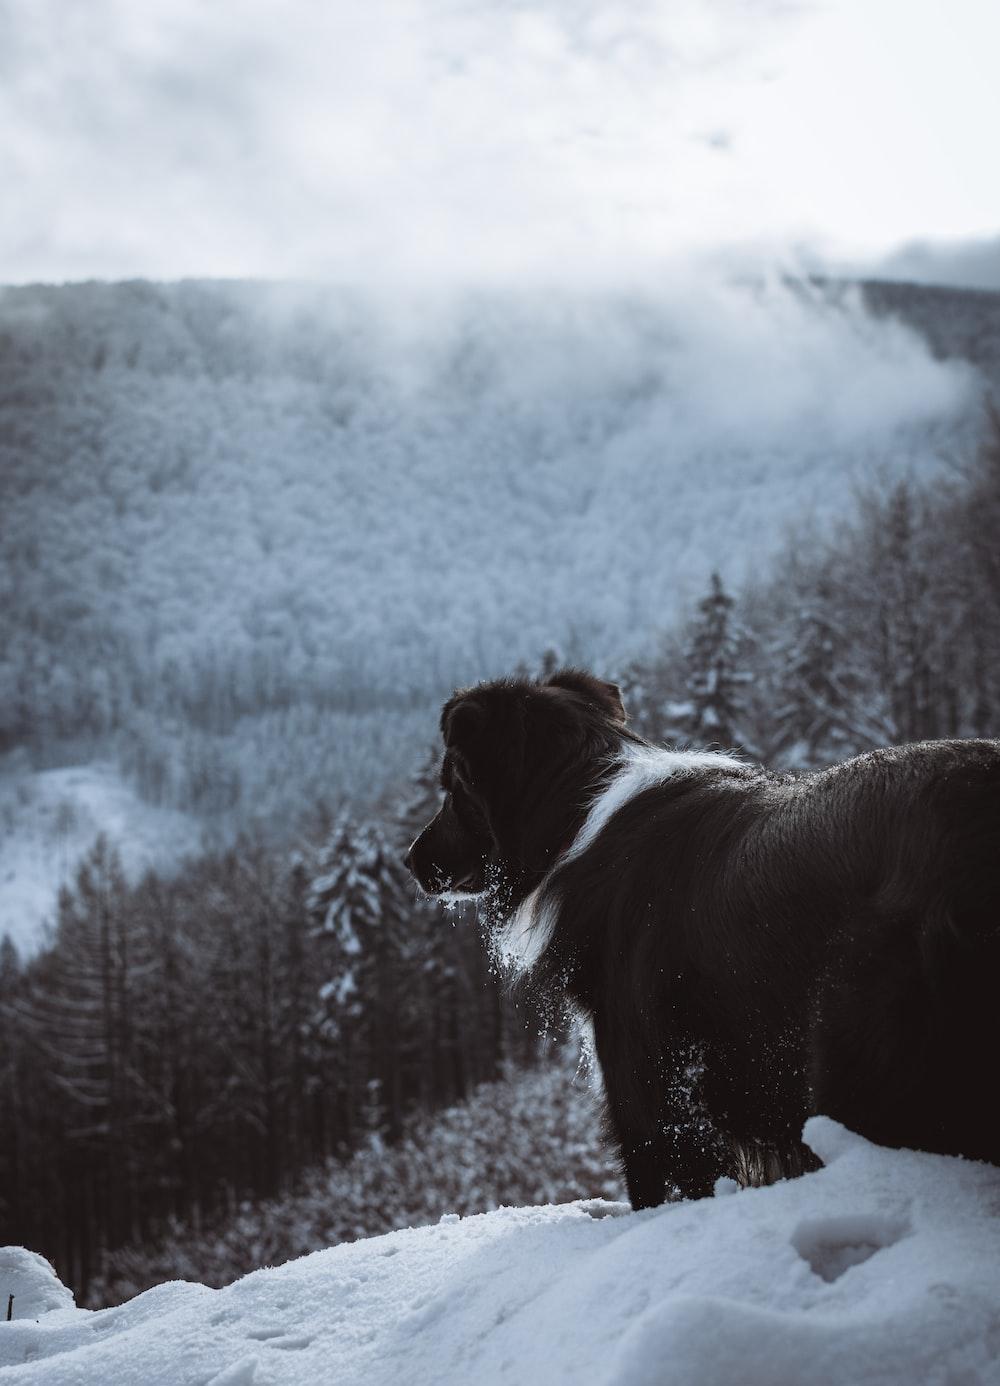 short-coated black and white dog